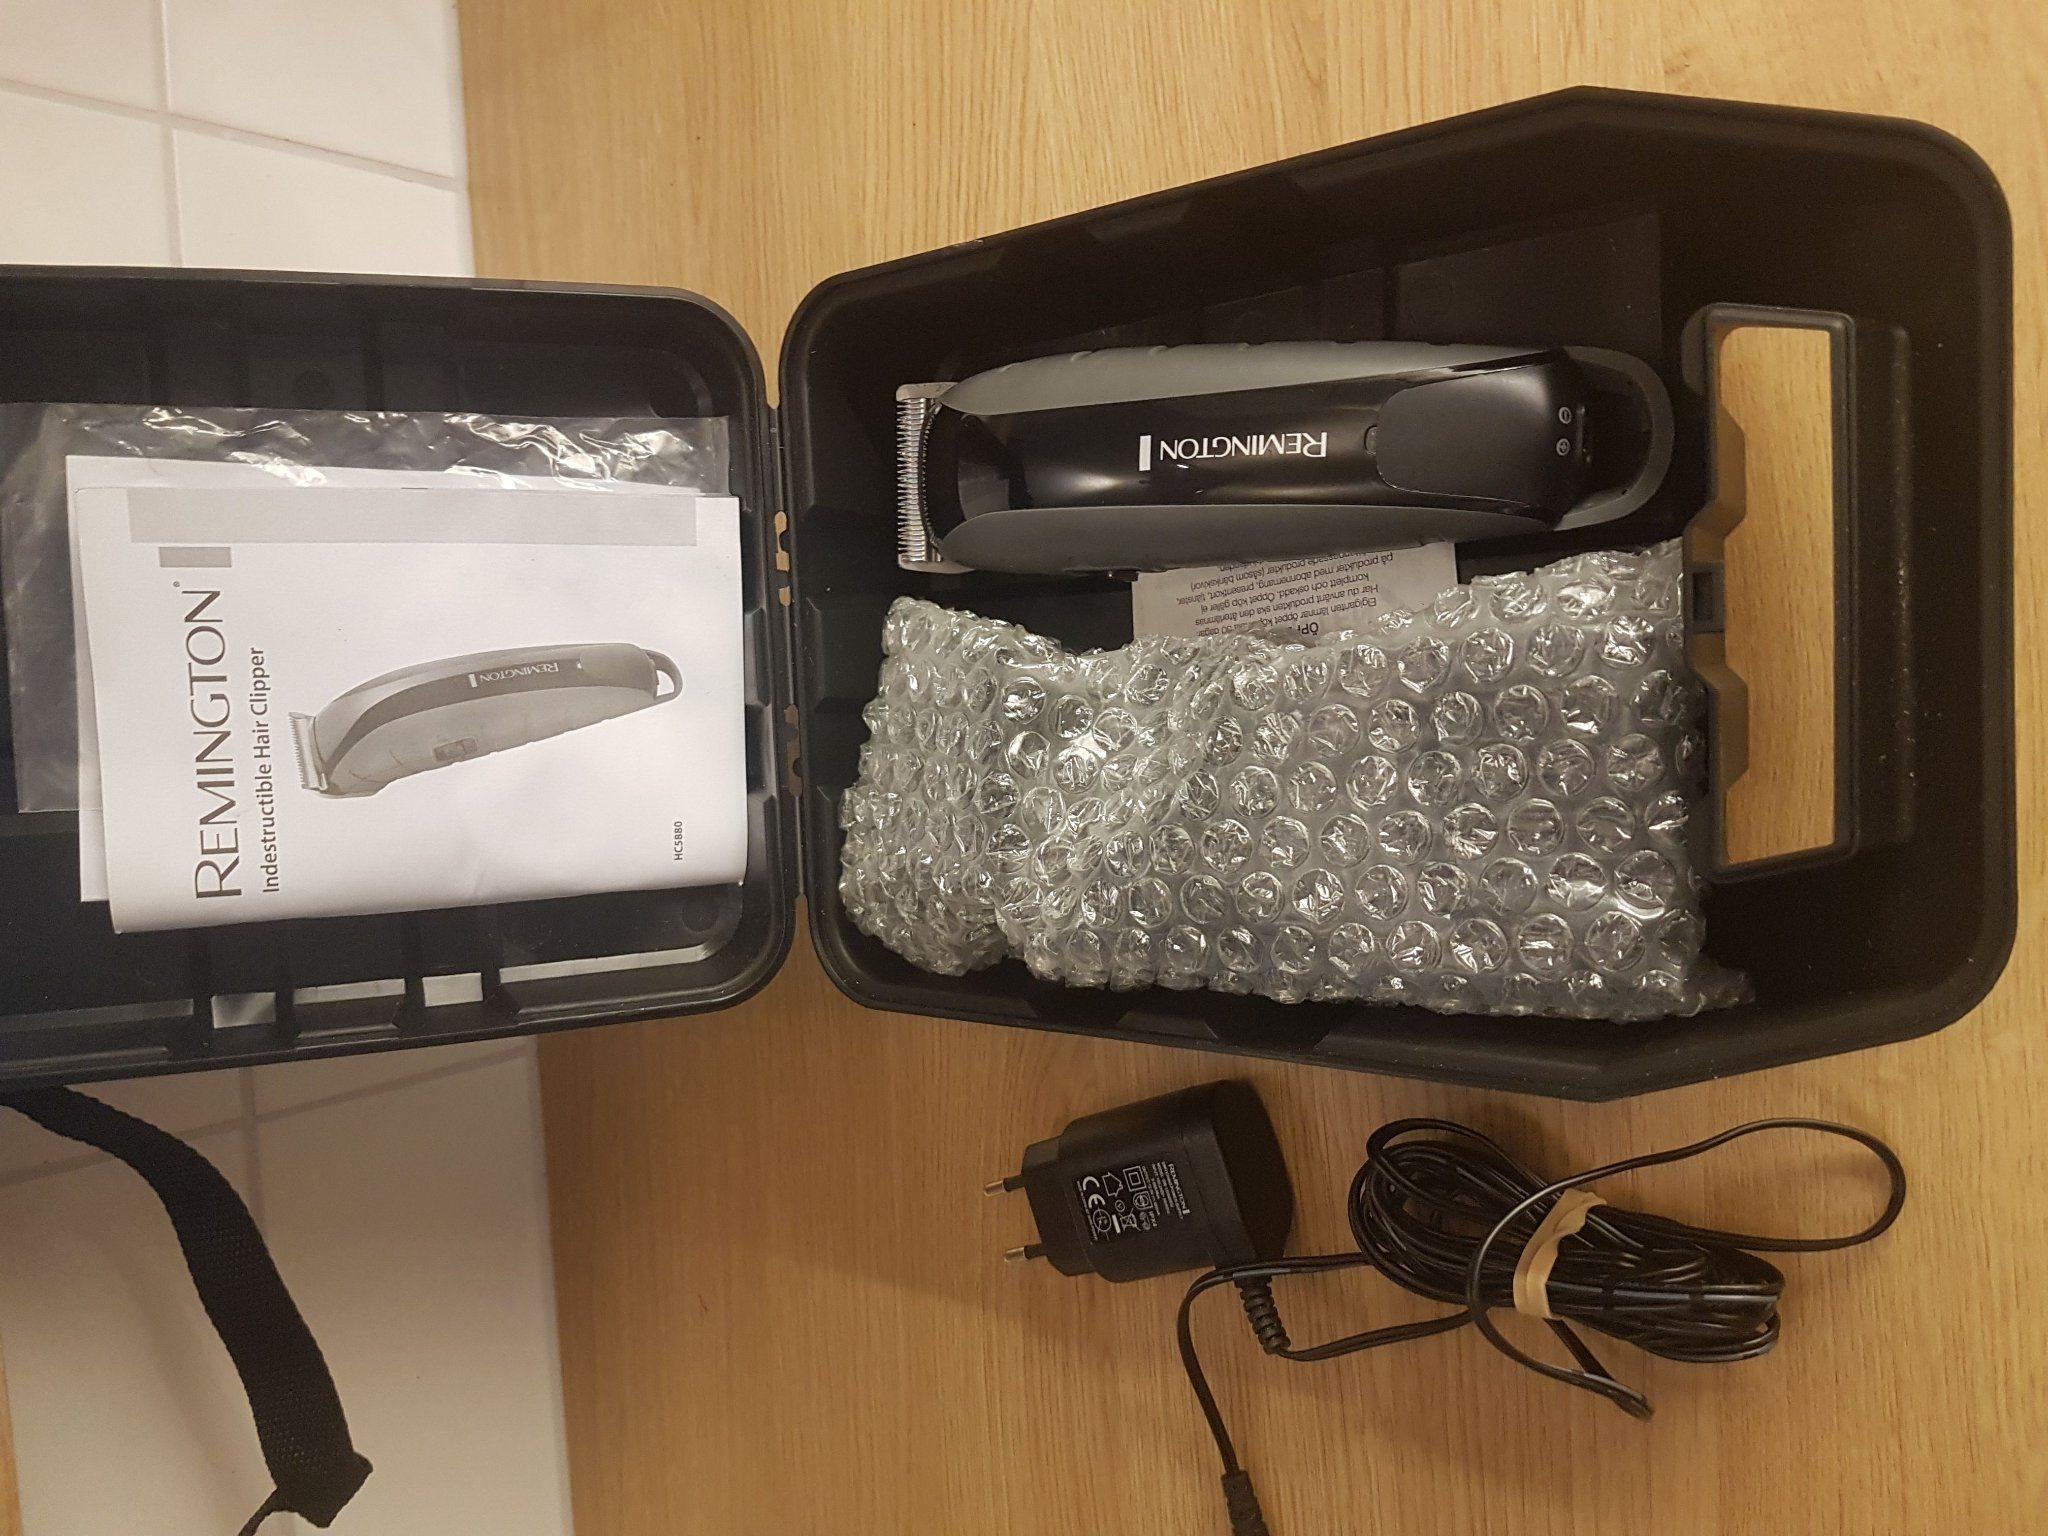 Remington hc5880 hårklippare trimmer (340124075) ᐈ Köp på Tradera 592cfc1a1a149